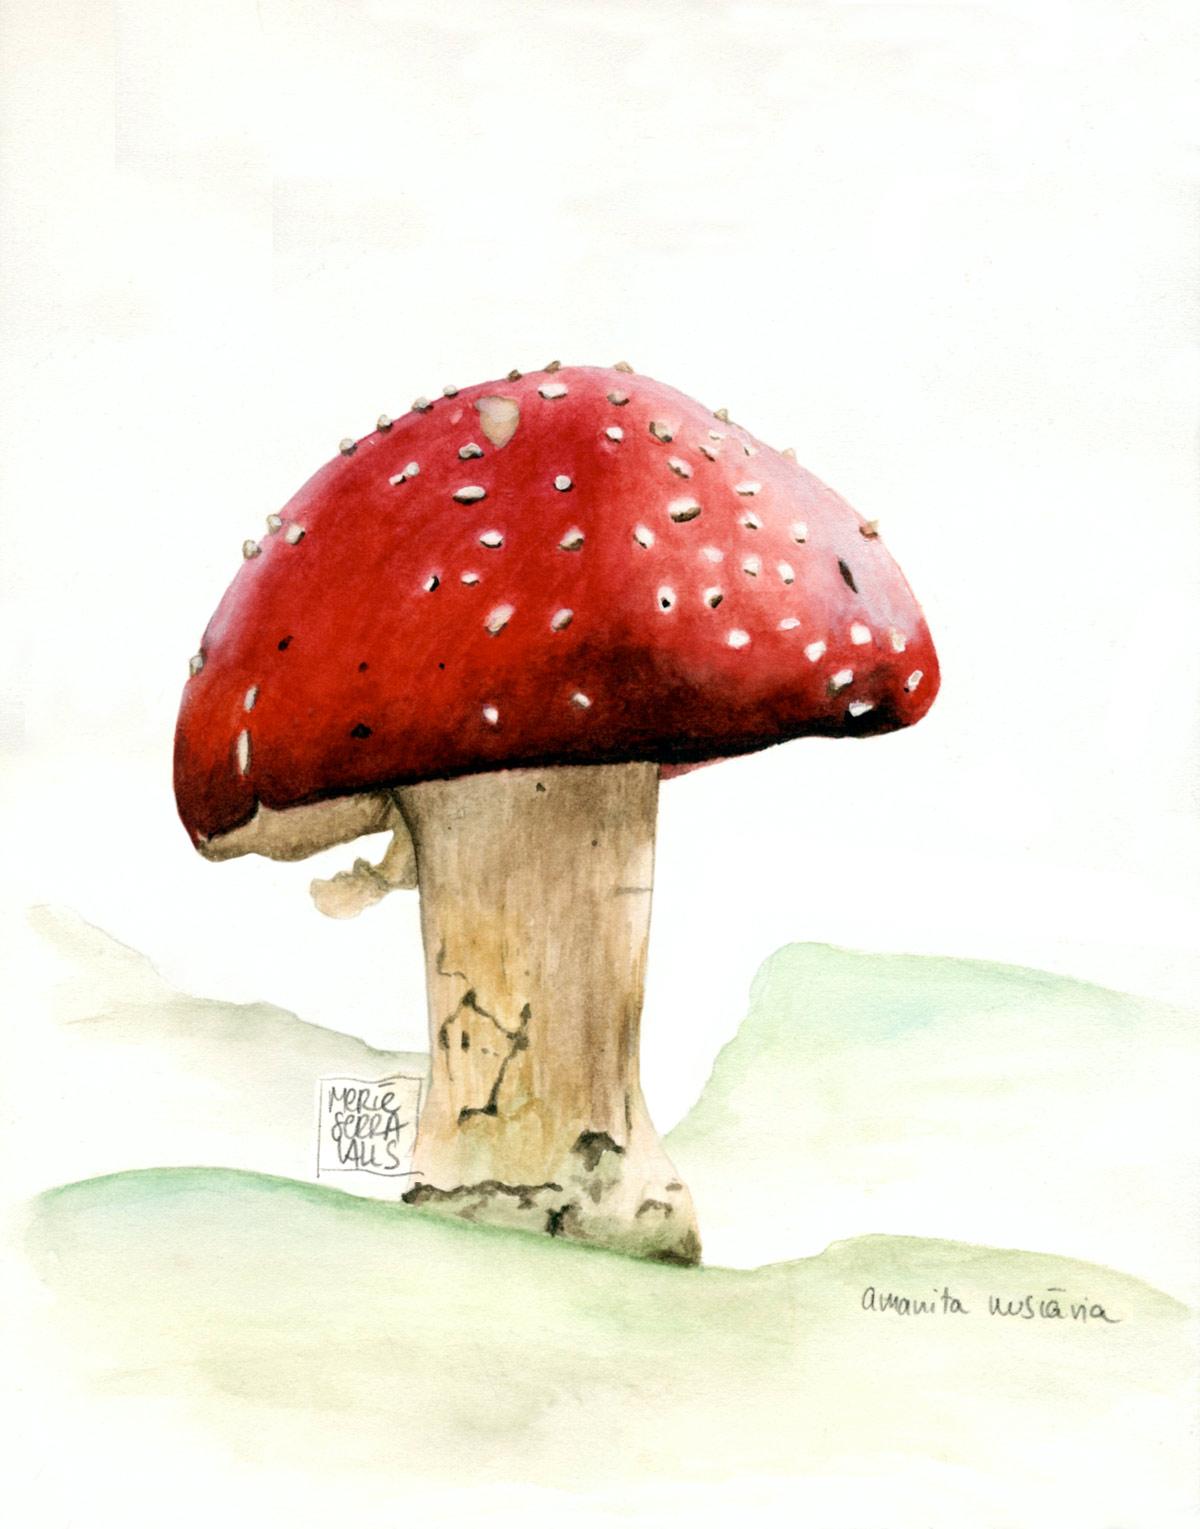 illustracio_cientifica_amanita_muscaria_arsblanc